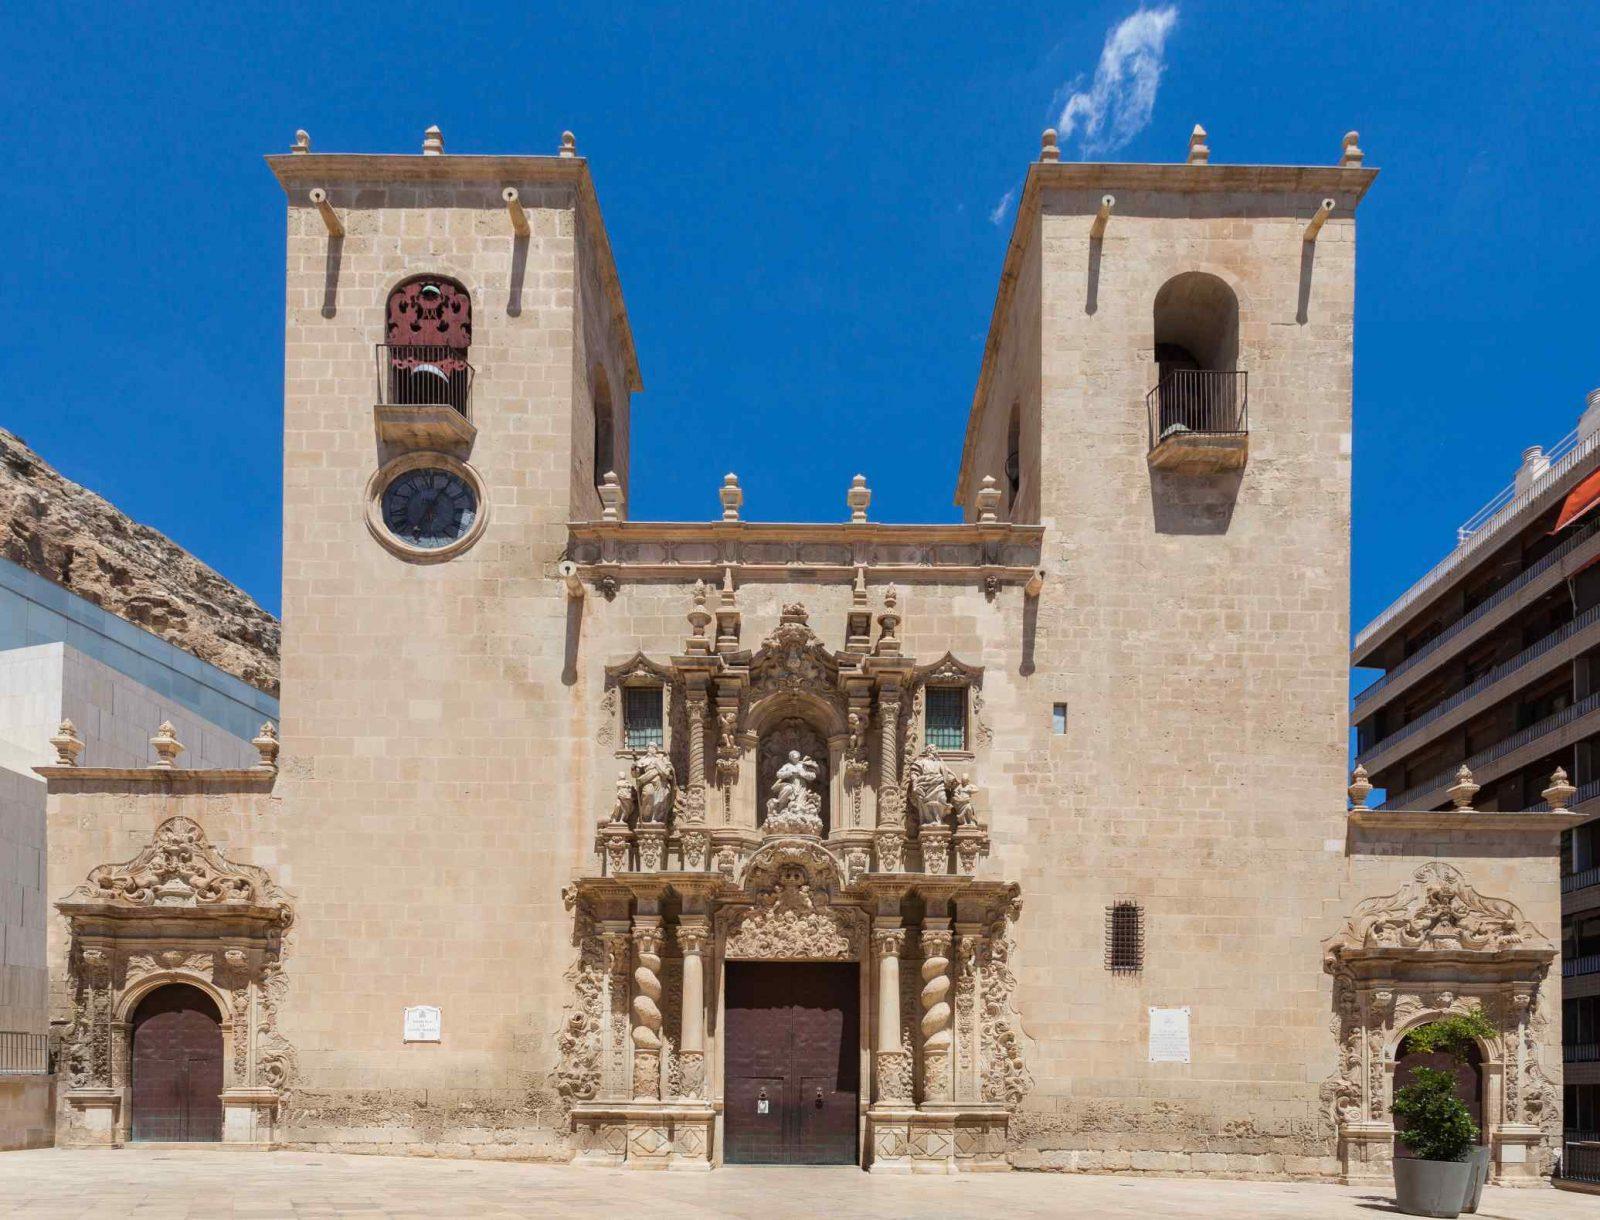 spain-realty.com: Basilica of Santa María, Alicante